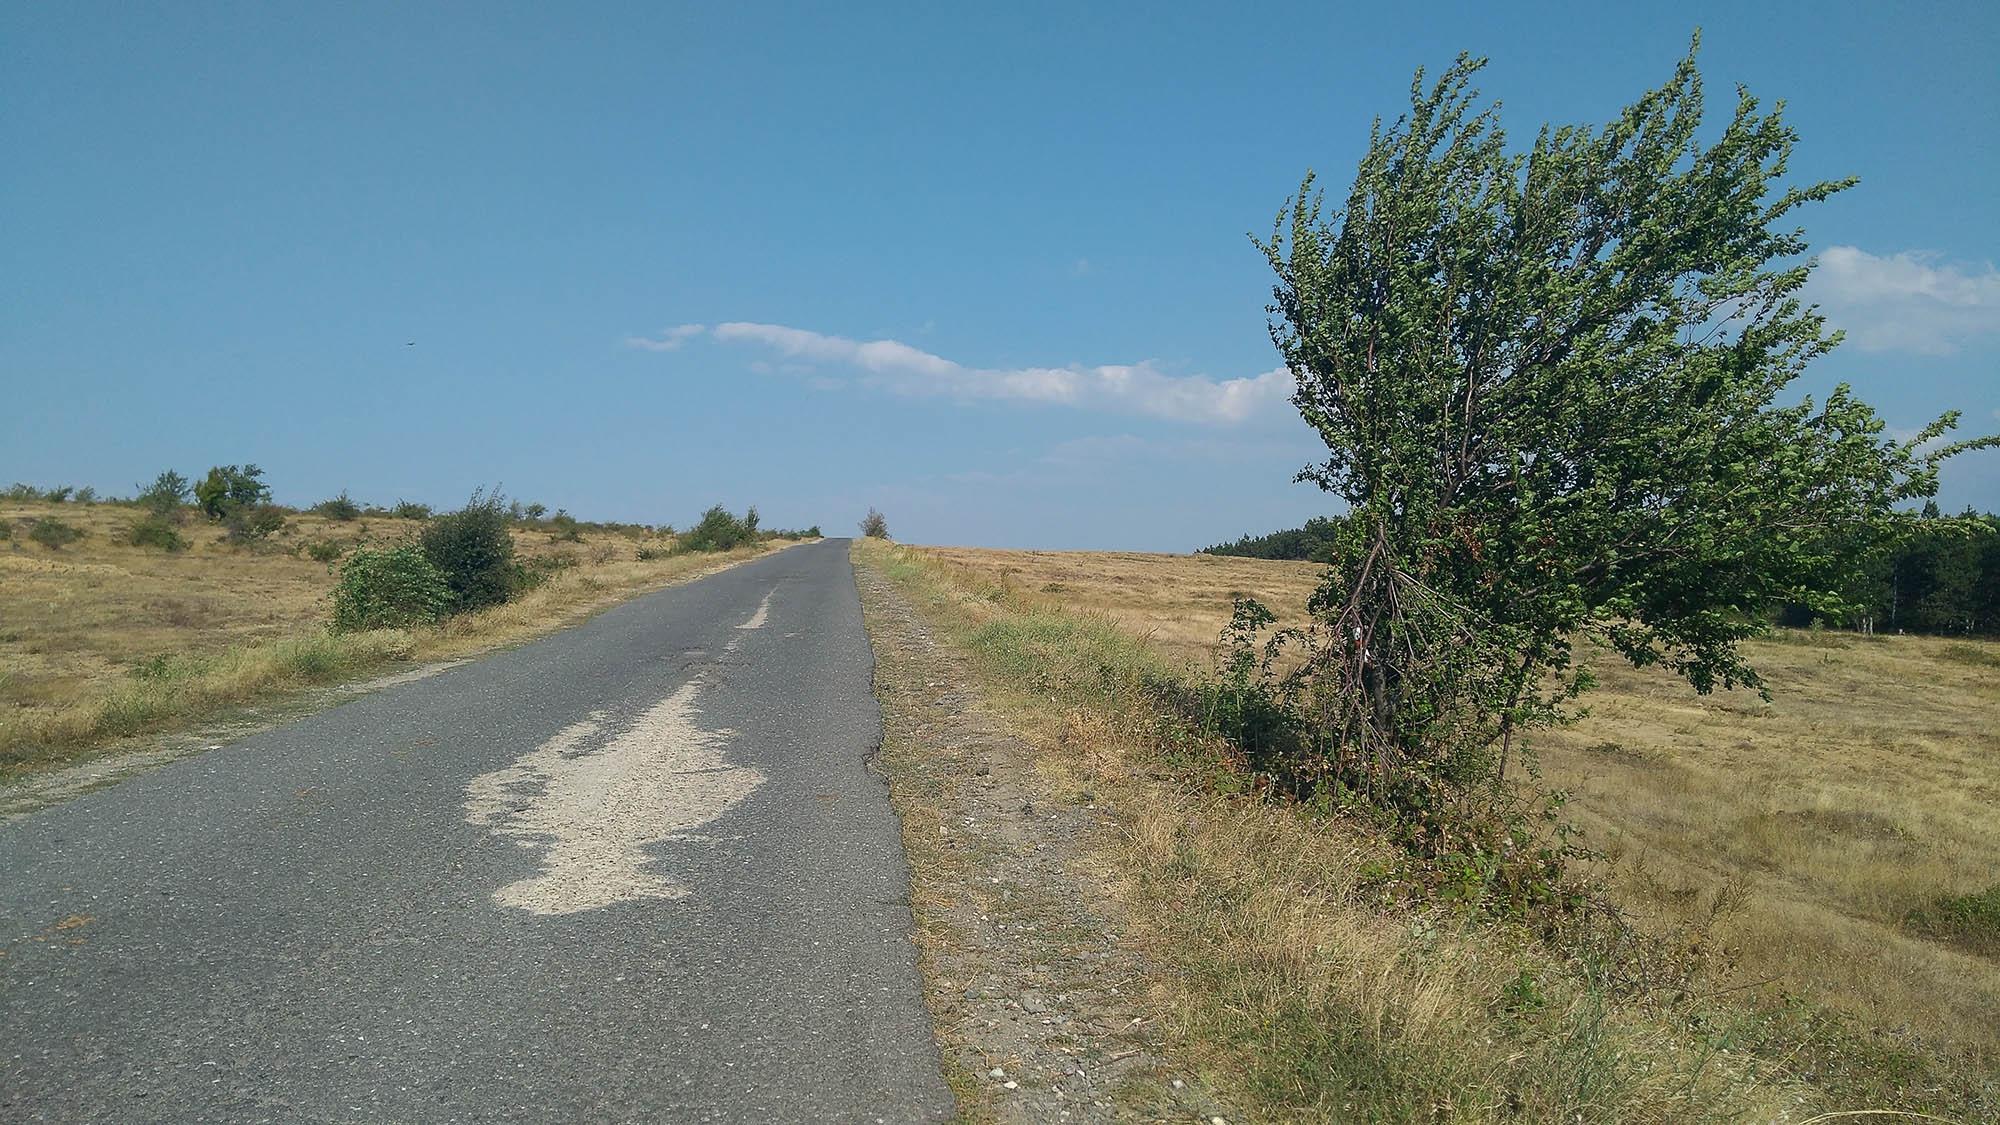 Отново по асфалт. След село Сини рид, малко преди разклона за Доброван